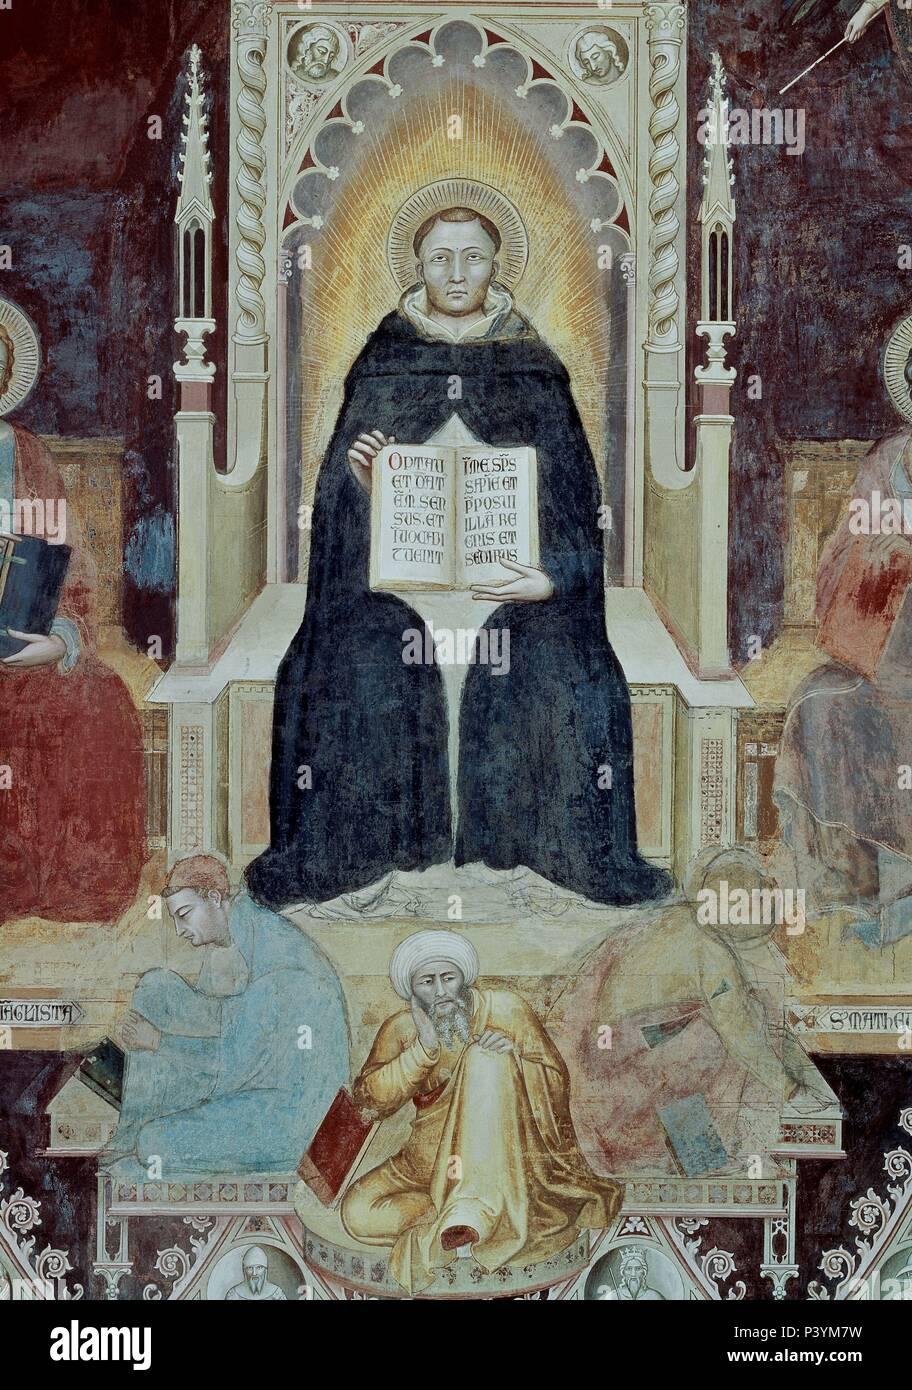 CAPILLA DE LOS ESPAÑOLES - EL TRIUNFO DE SANTO TOMAS DE AQUINO - FRESCO DEL SIGLO XIV. Author: Andrea di Bonaiuto (1343-1377). Location: BASILICA DE SANTA MARIA NOVELLA, FLORENZ, ITALIA. - Stock Image